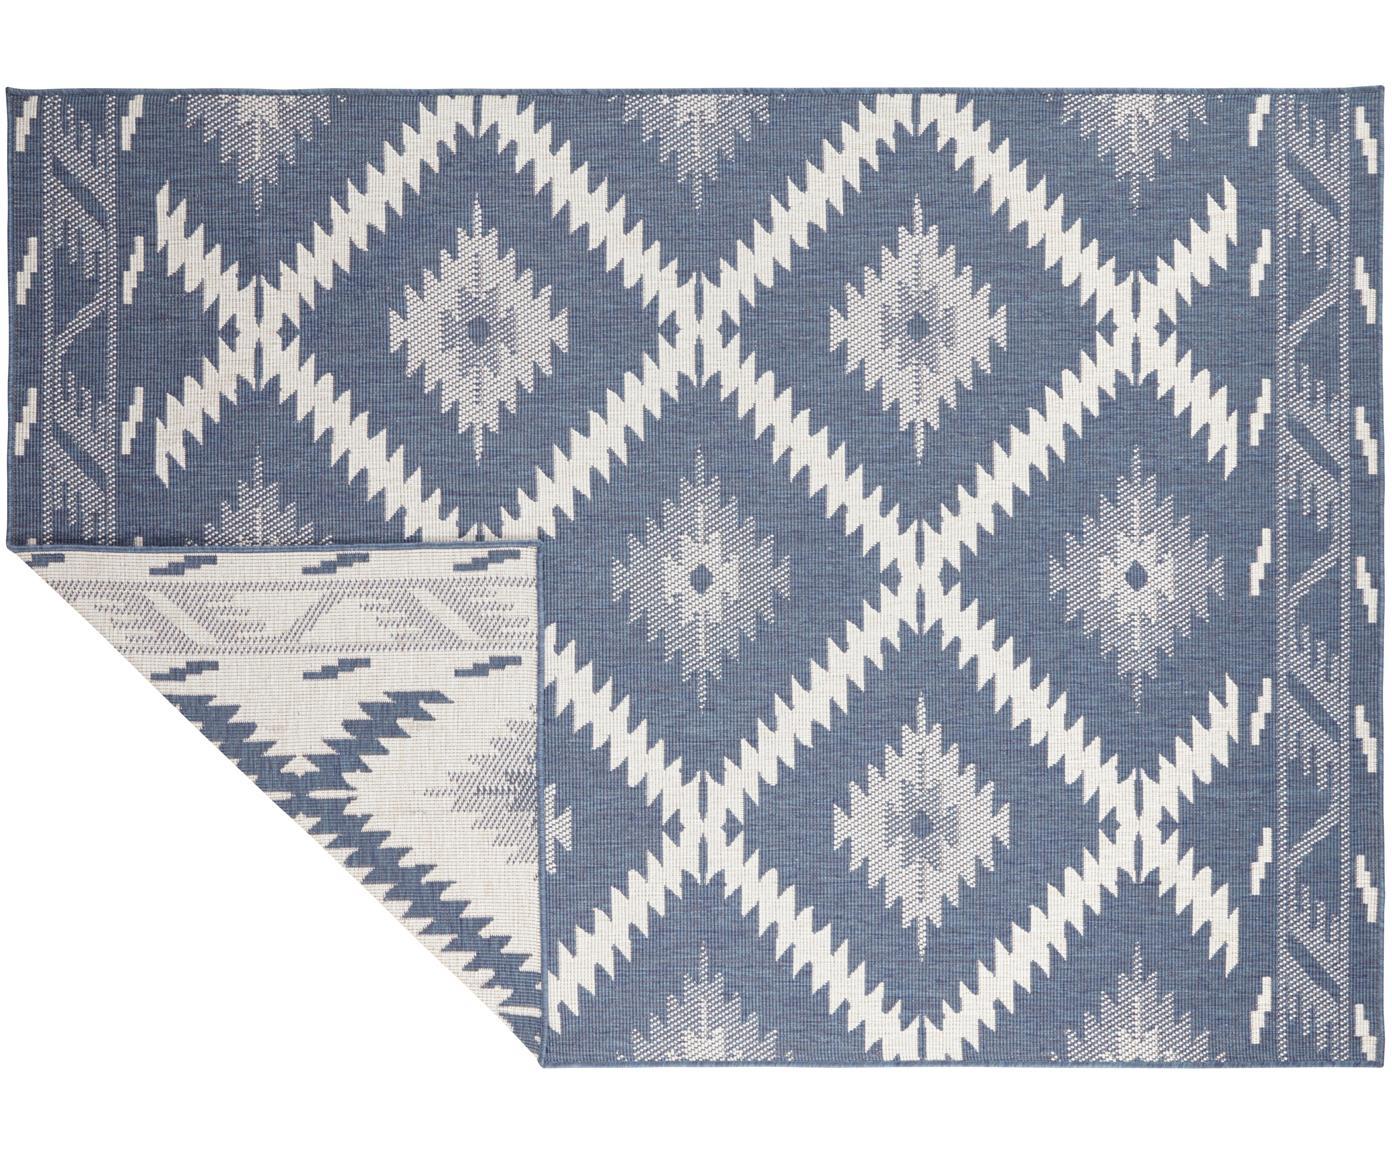 Alfombra de interior y exterior Malibu, caras distintas, Azul, crema, An 120 x L 170 cm (Tamaño S)